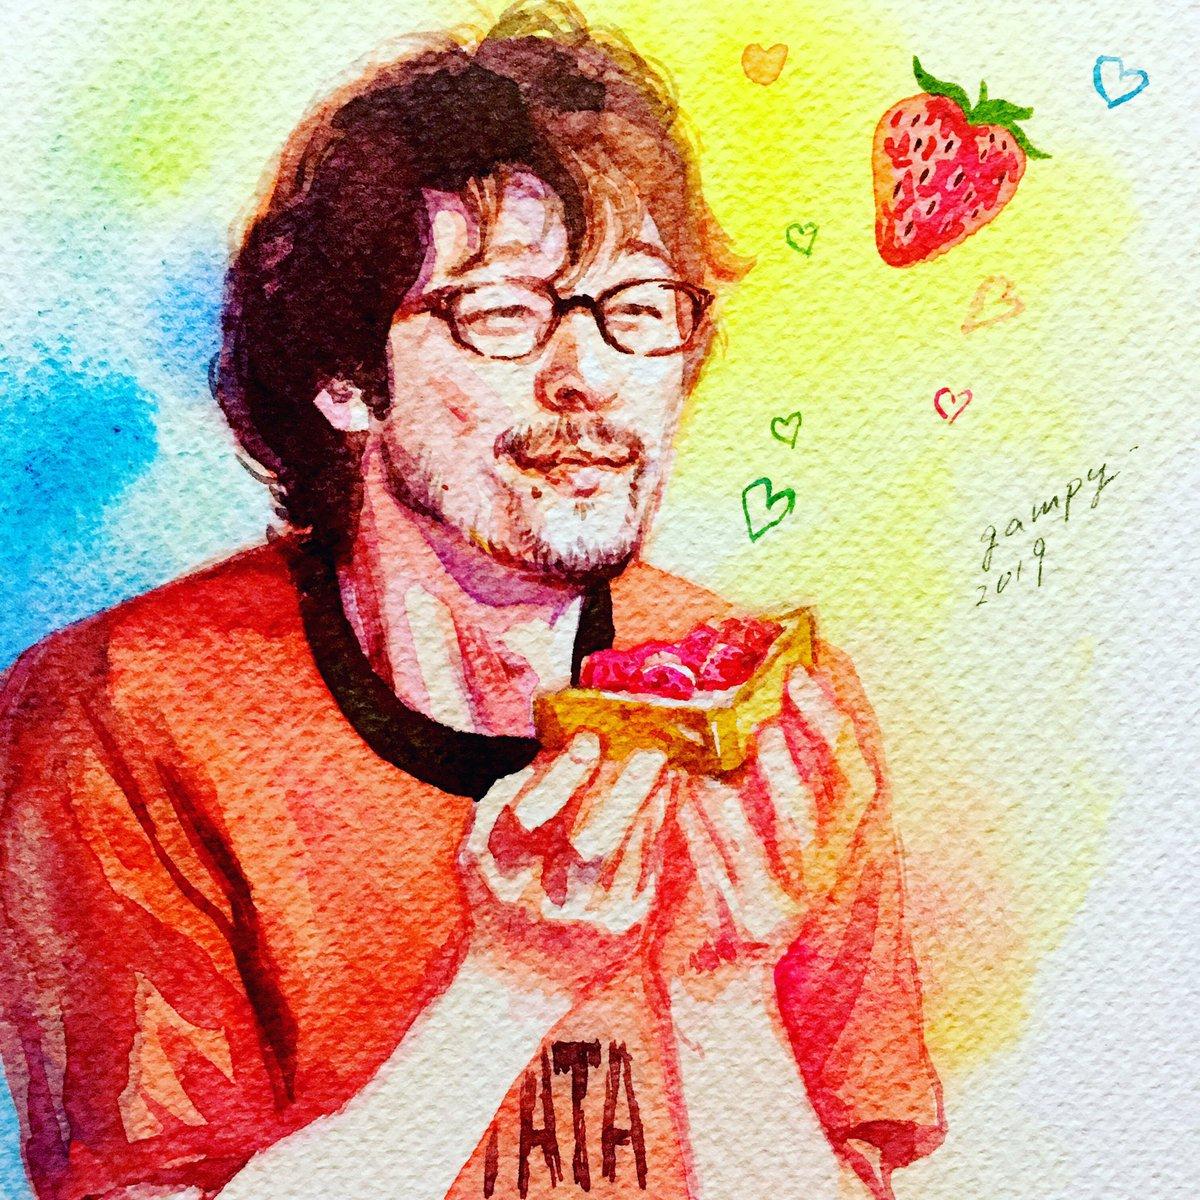 シロさんが作ってくれた甘酸っぱい苺ジャムのトースト。幸せそうなケンジ(内野聖陽さん)を描いてみました🍓#きのう何食べた #watercolor